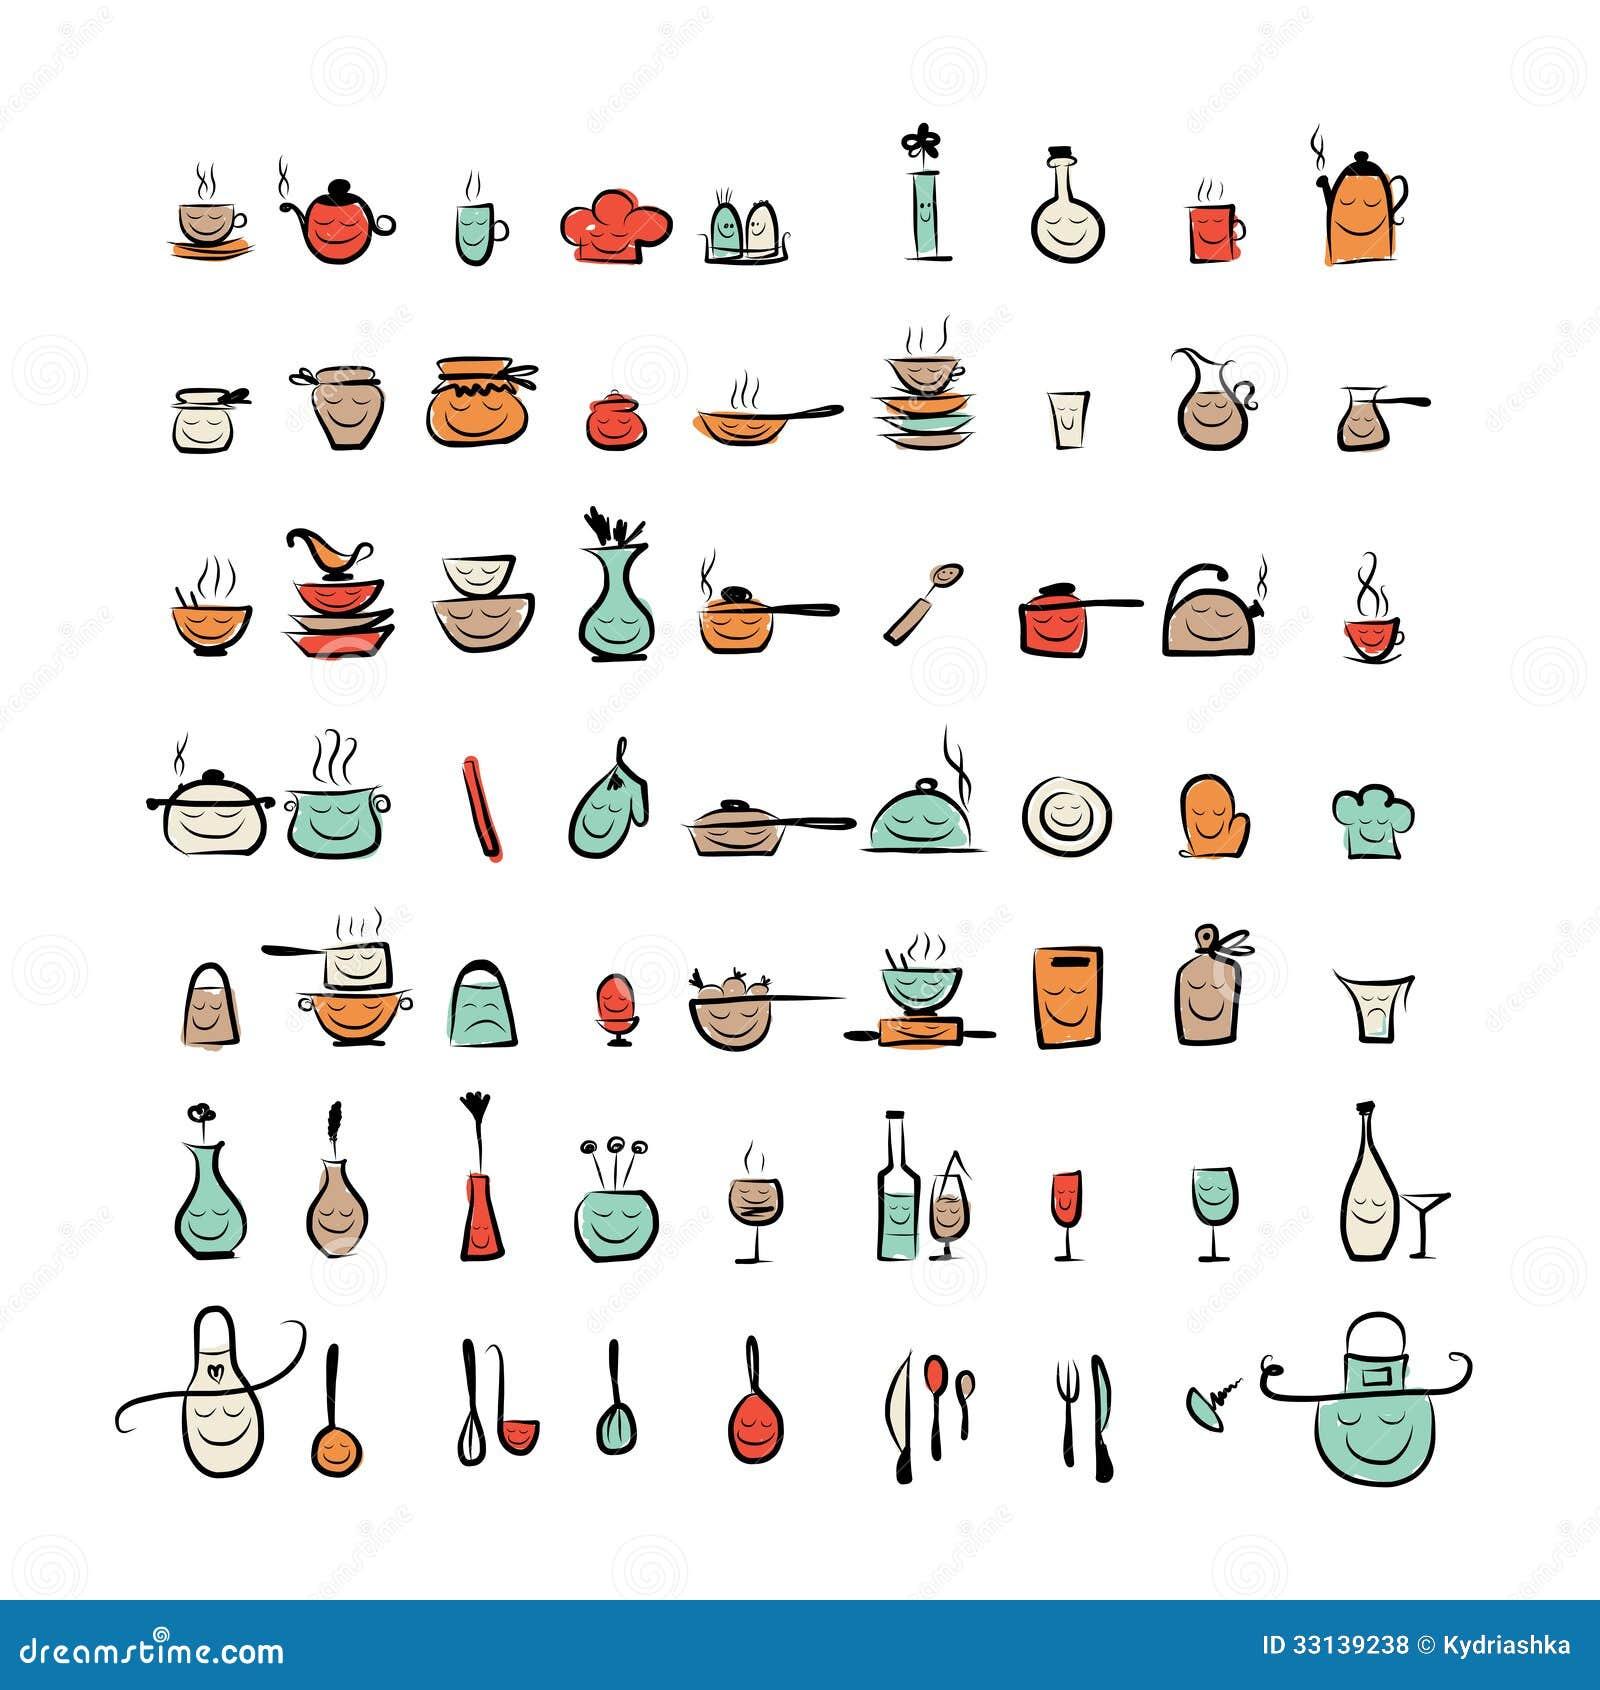 Disegni Di Cucine. Cucine With Disegni Di Cucine. Caratteri Degli ...